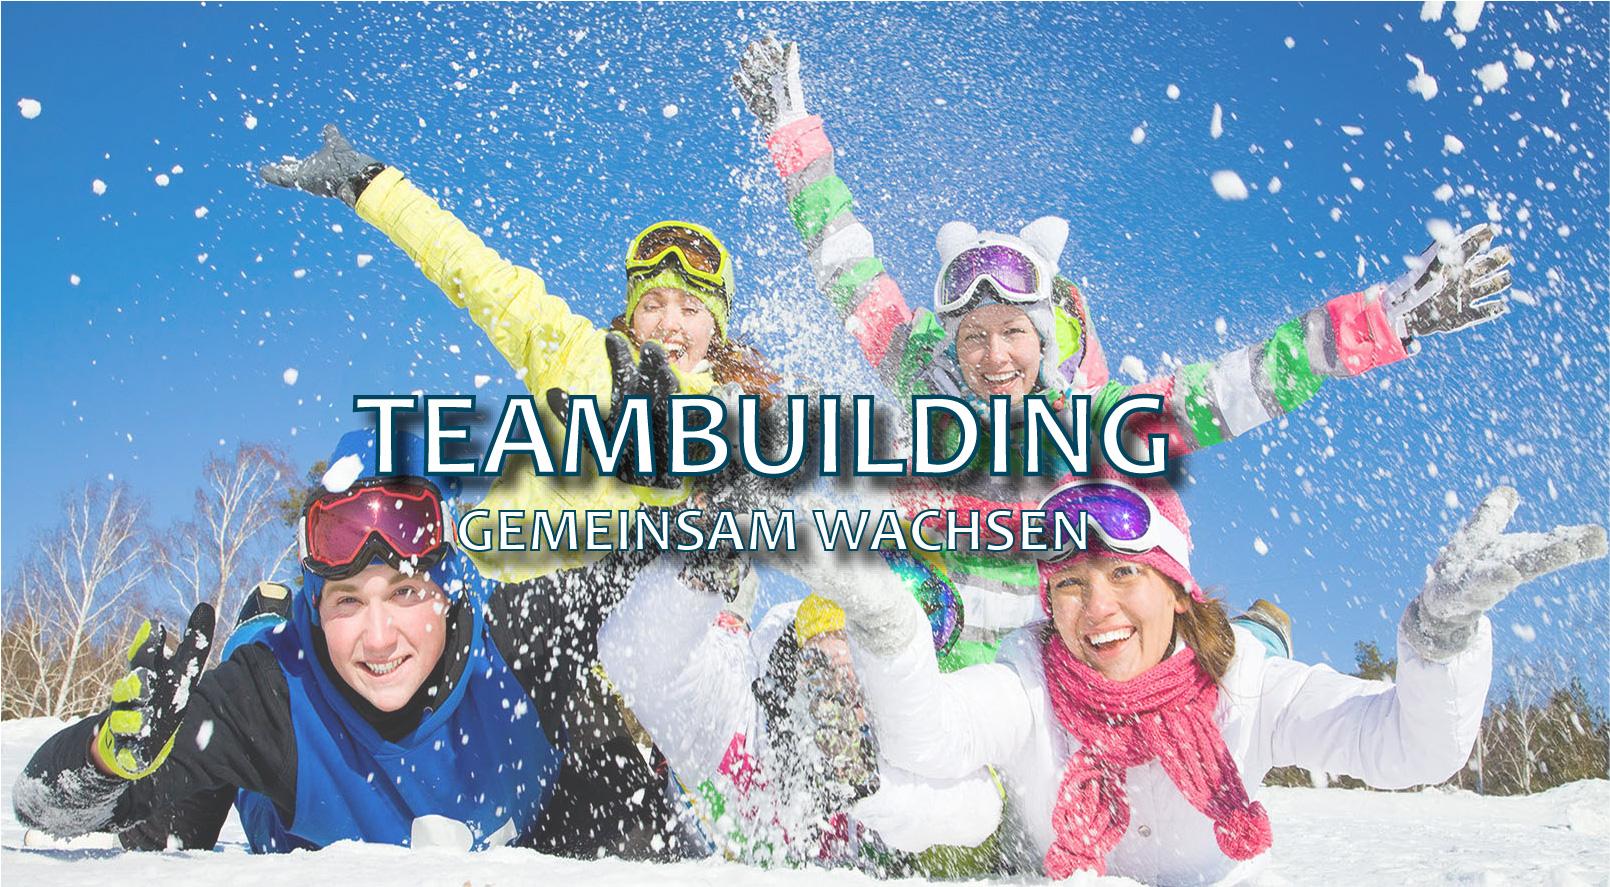 Teambuilding - Personen spielen im Schnee und haben Spaß